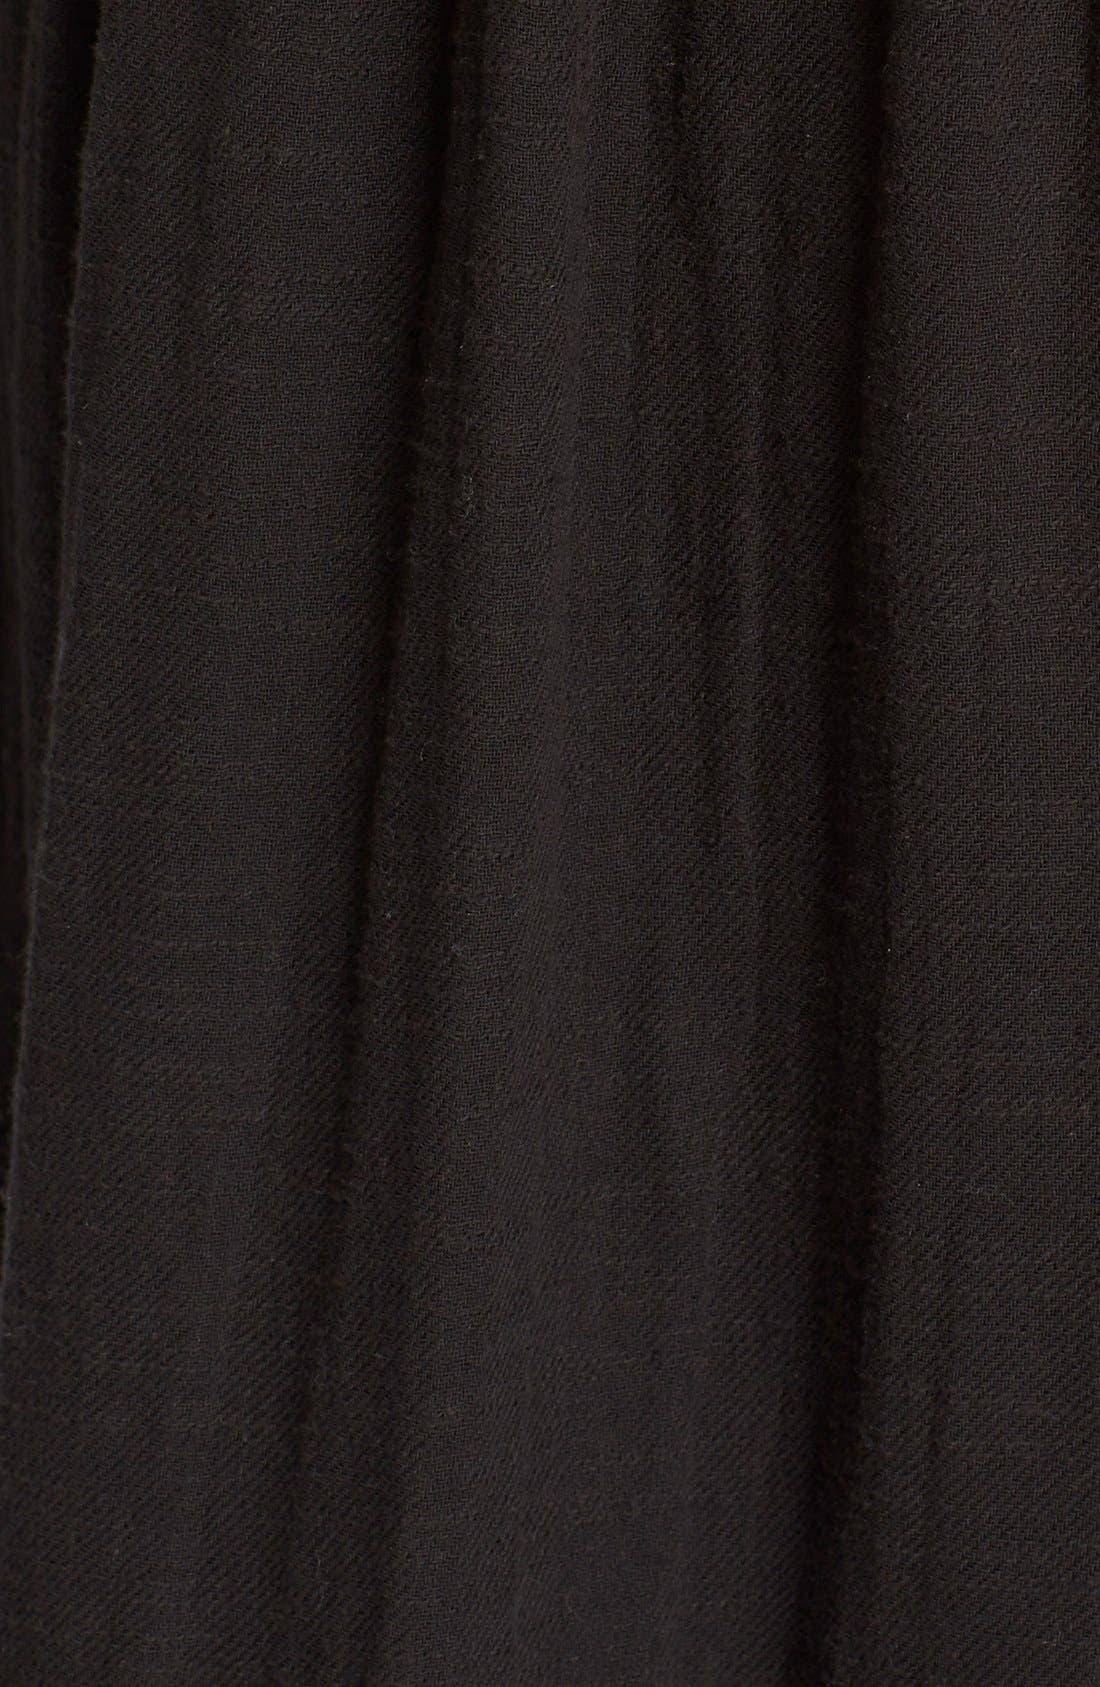 'Ojai' Cotton Midi Dress,                             Alternate thumbnail 5, color,                             001